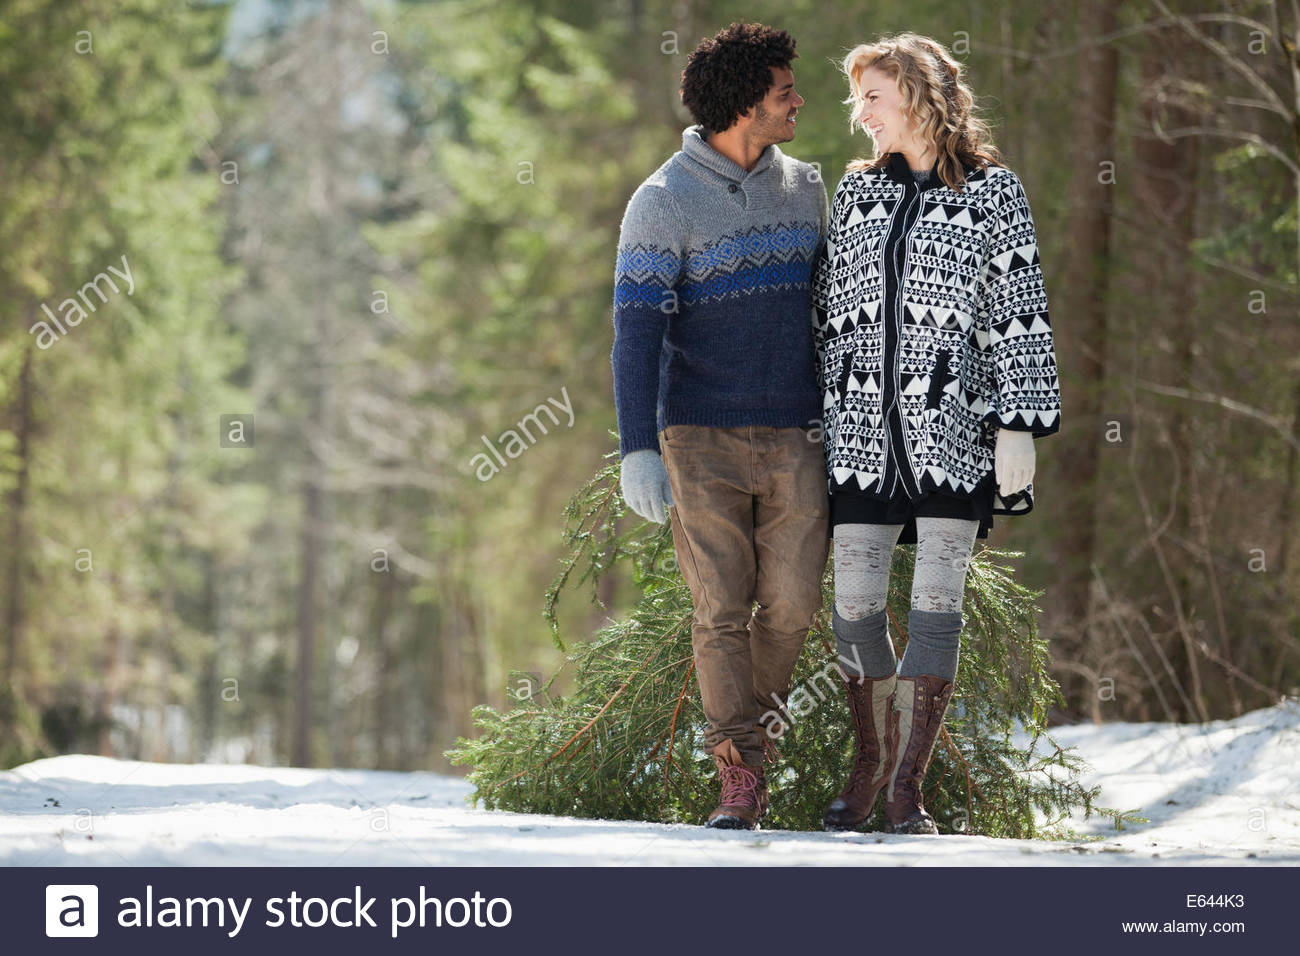 El hombre y la mujer con el árbol de Navidad frescas cortadas Imagen De Stock